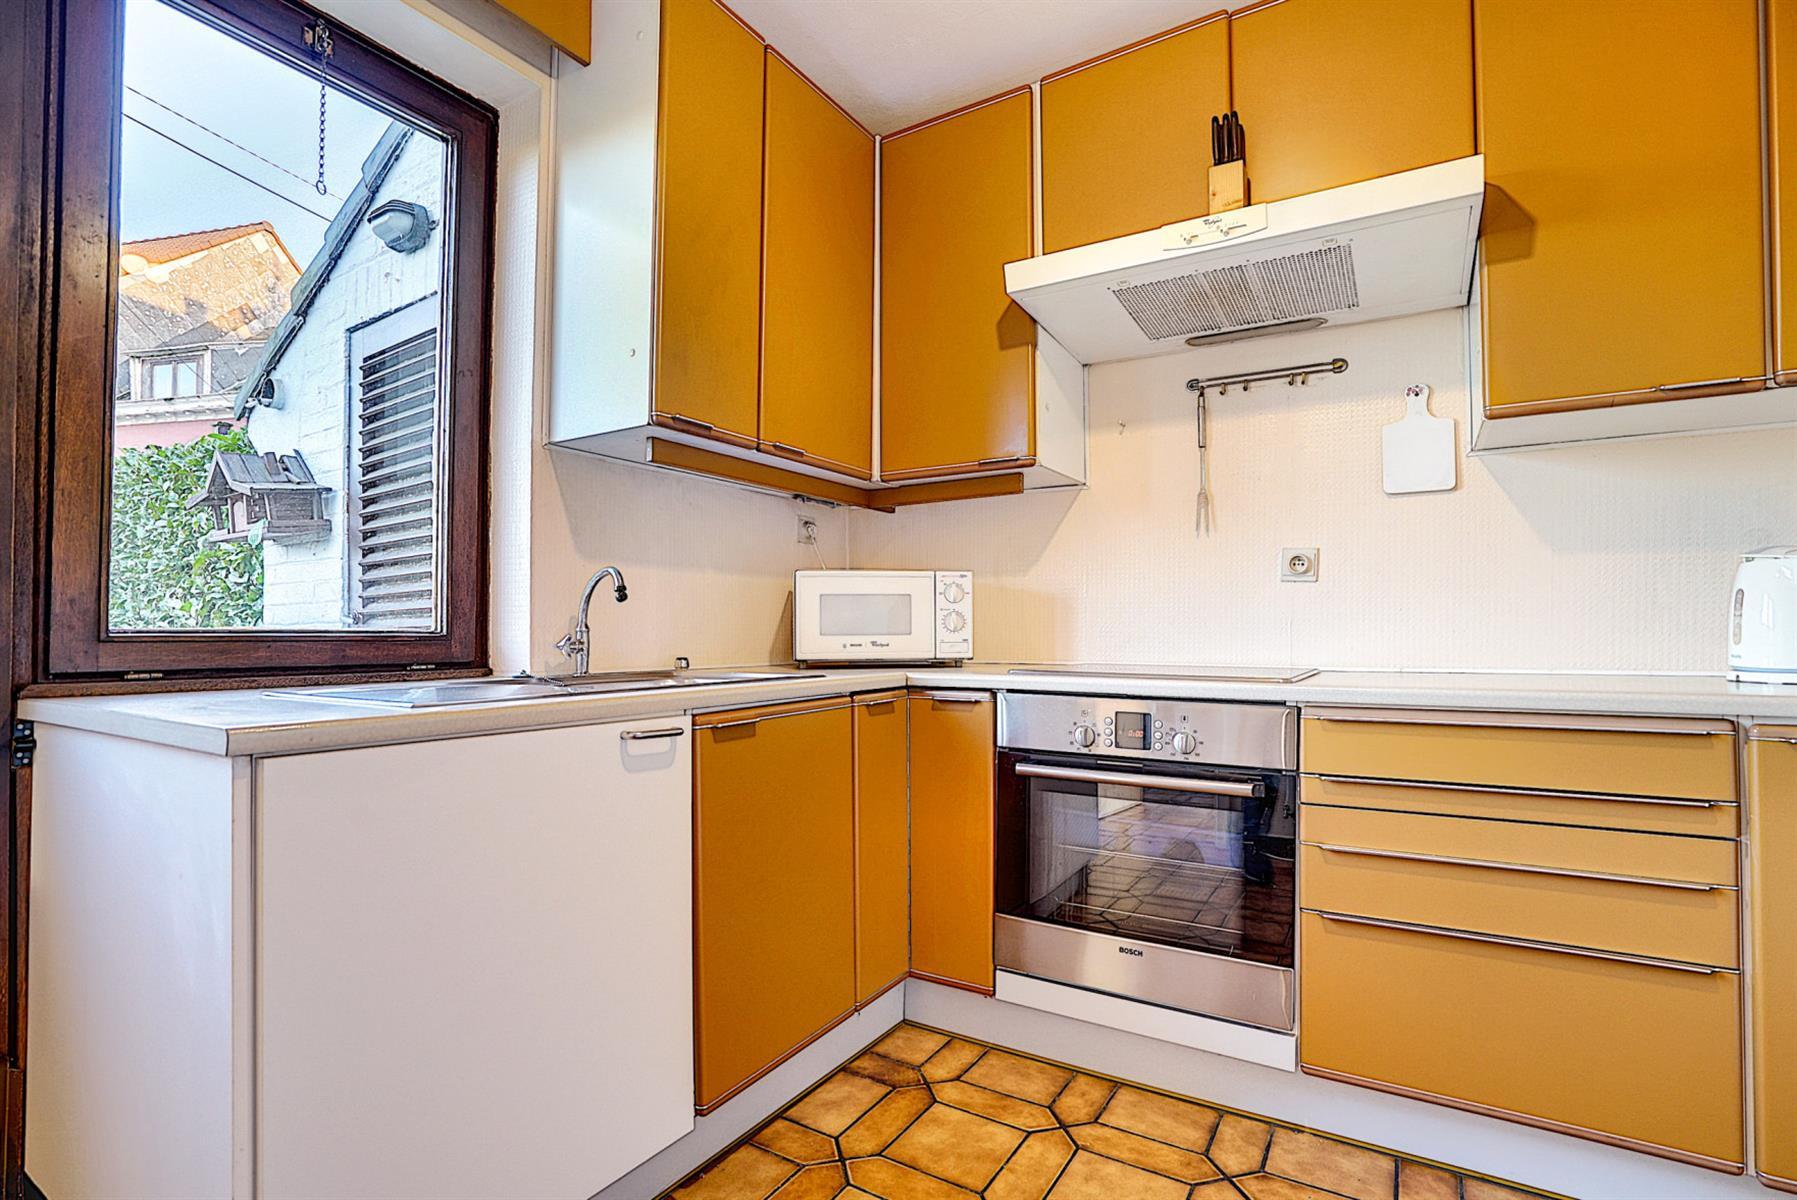 Maison - Ottignies - #4194171-5